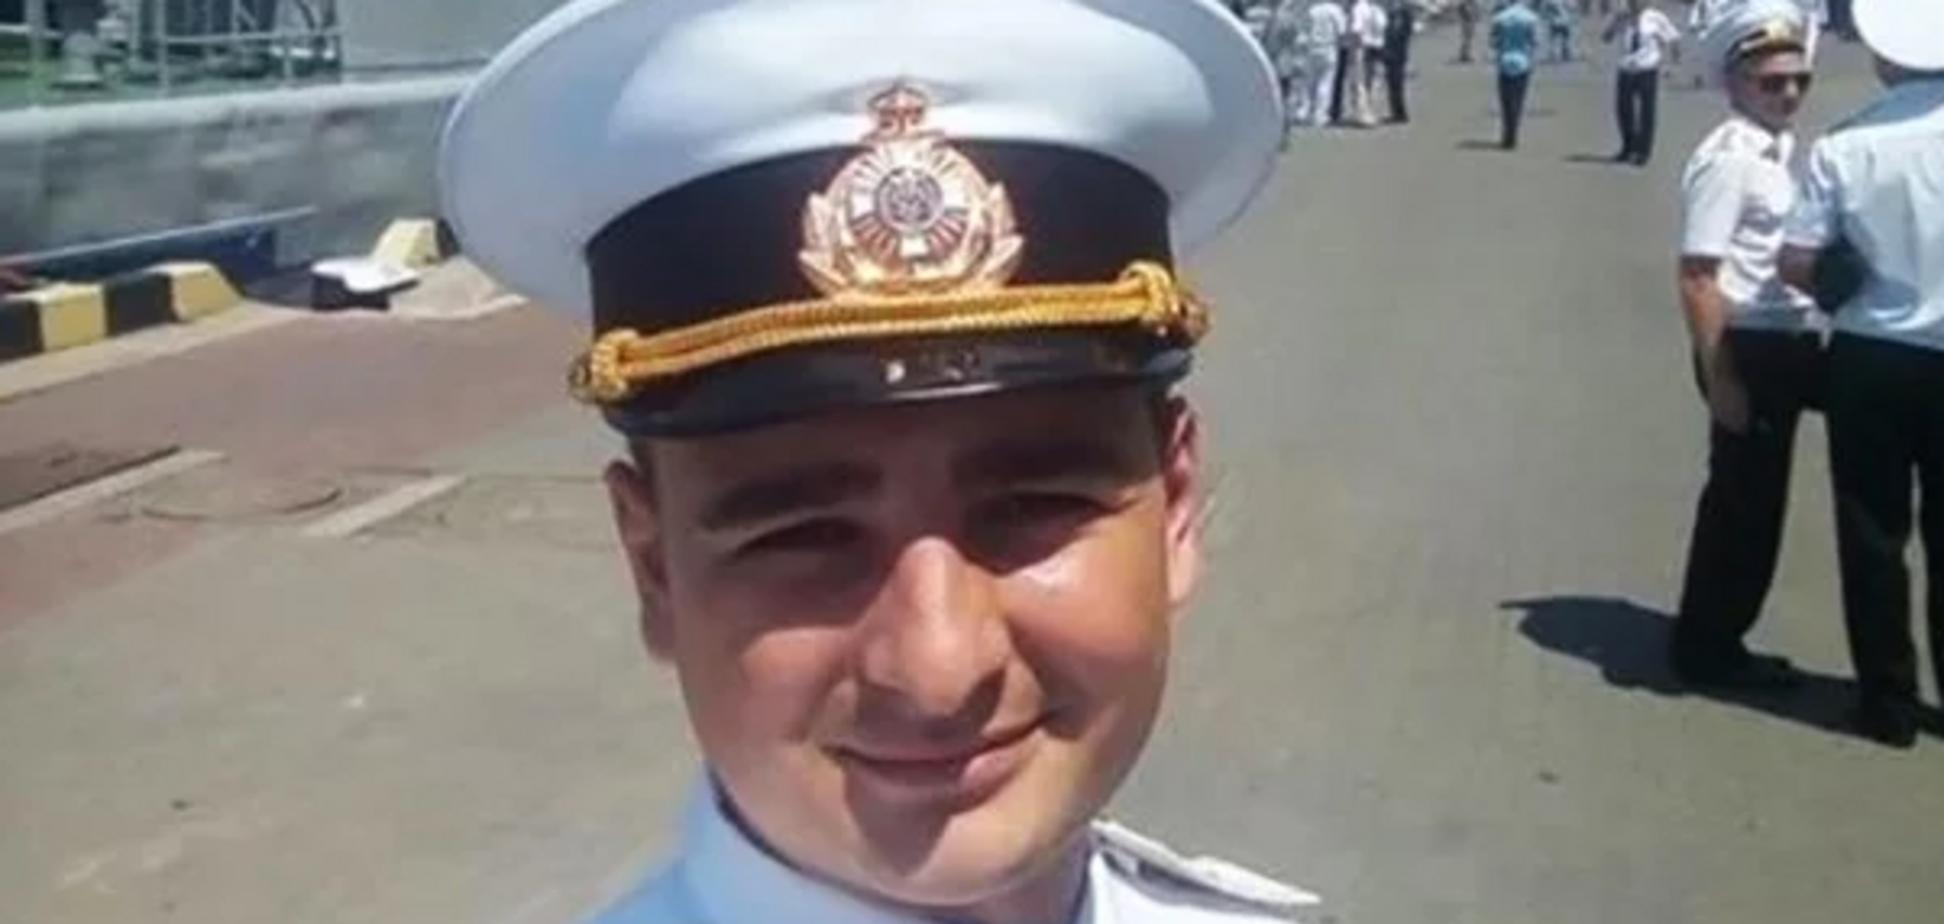 Пальці відмовляють: з'явилися тривожні новини про полоненого українського моряка у Москві